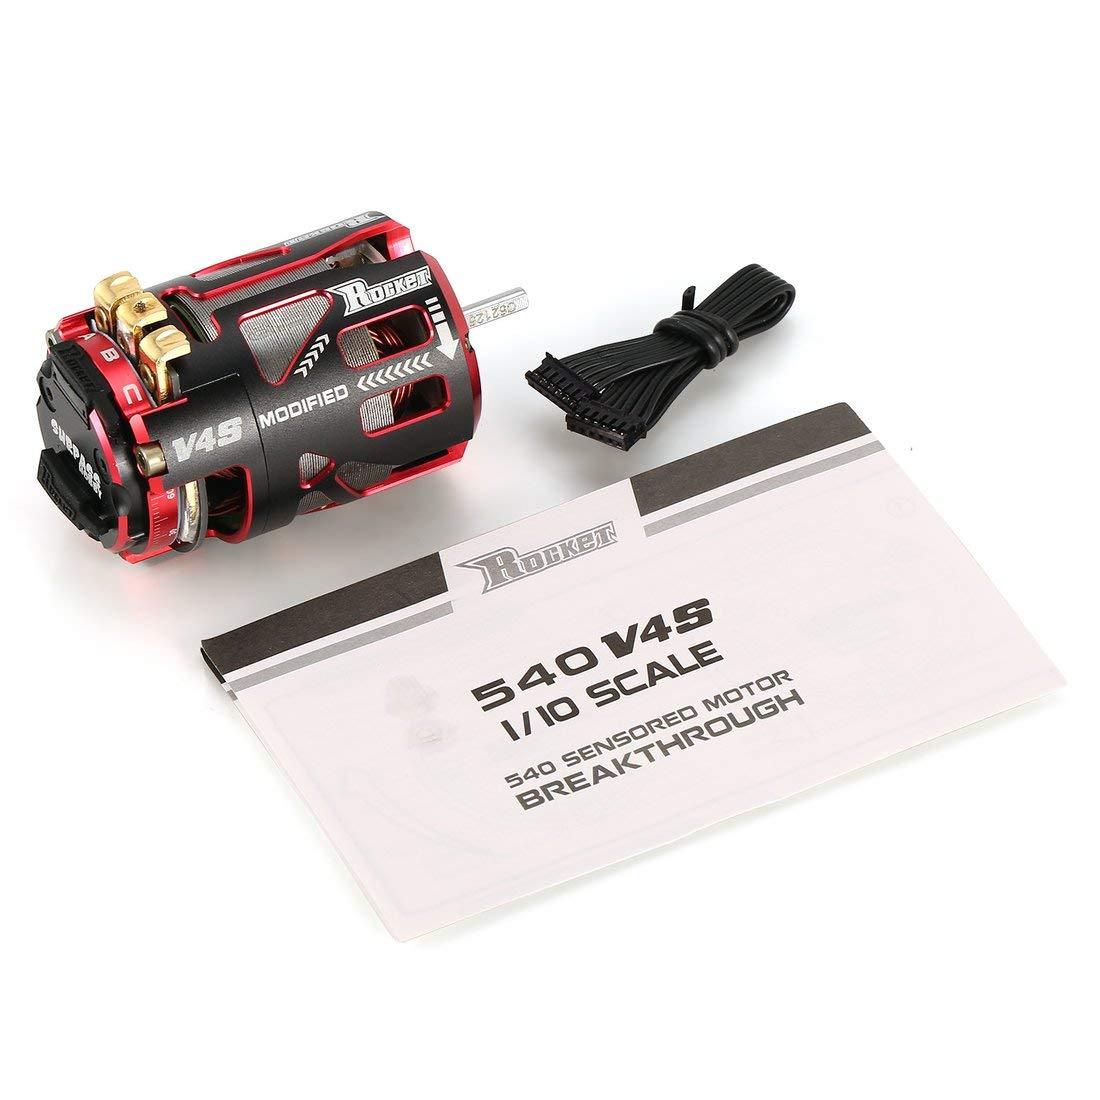 Formulaone SURPASSHOBBY V4S 540 8.5T 540 3.175mm SensoROT Brushless Motor Motor für 1/10 On-Road-Drift-Touring-RC-Car-LKW-Modellteile - Rot & Schwarz